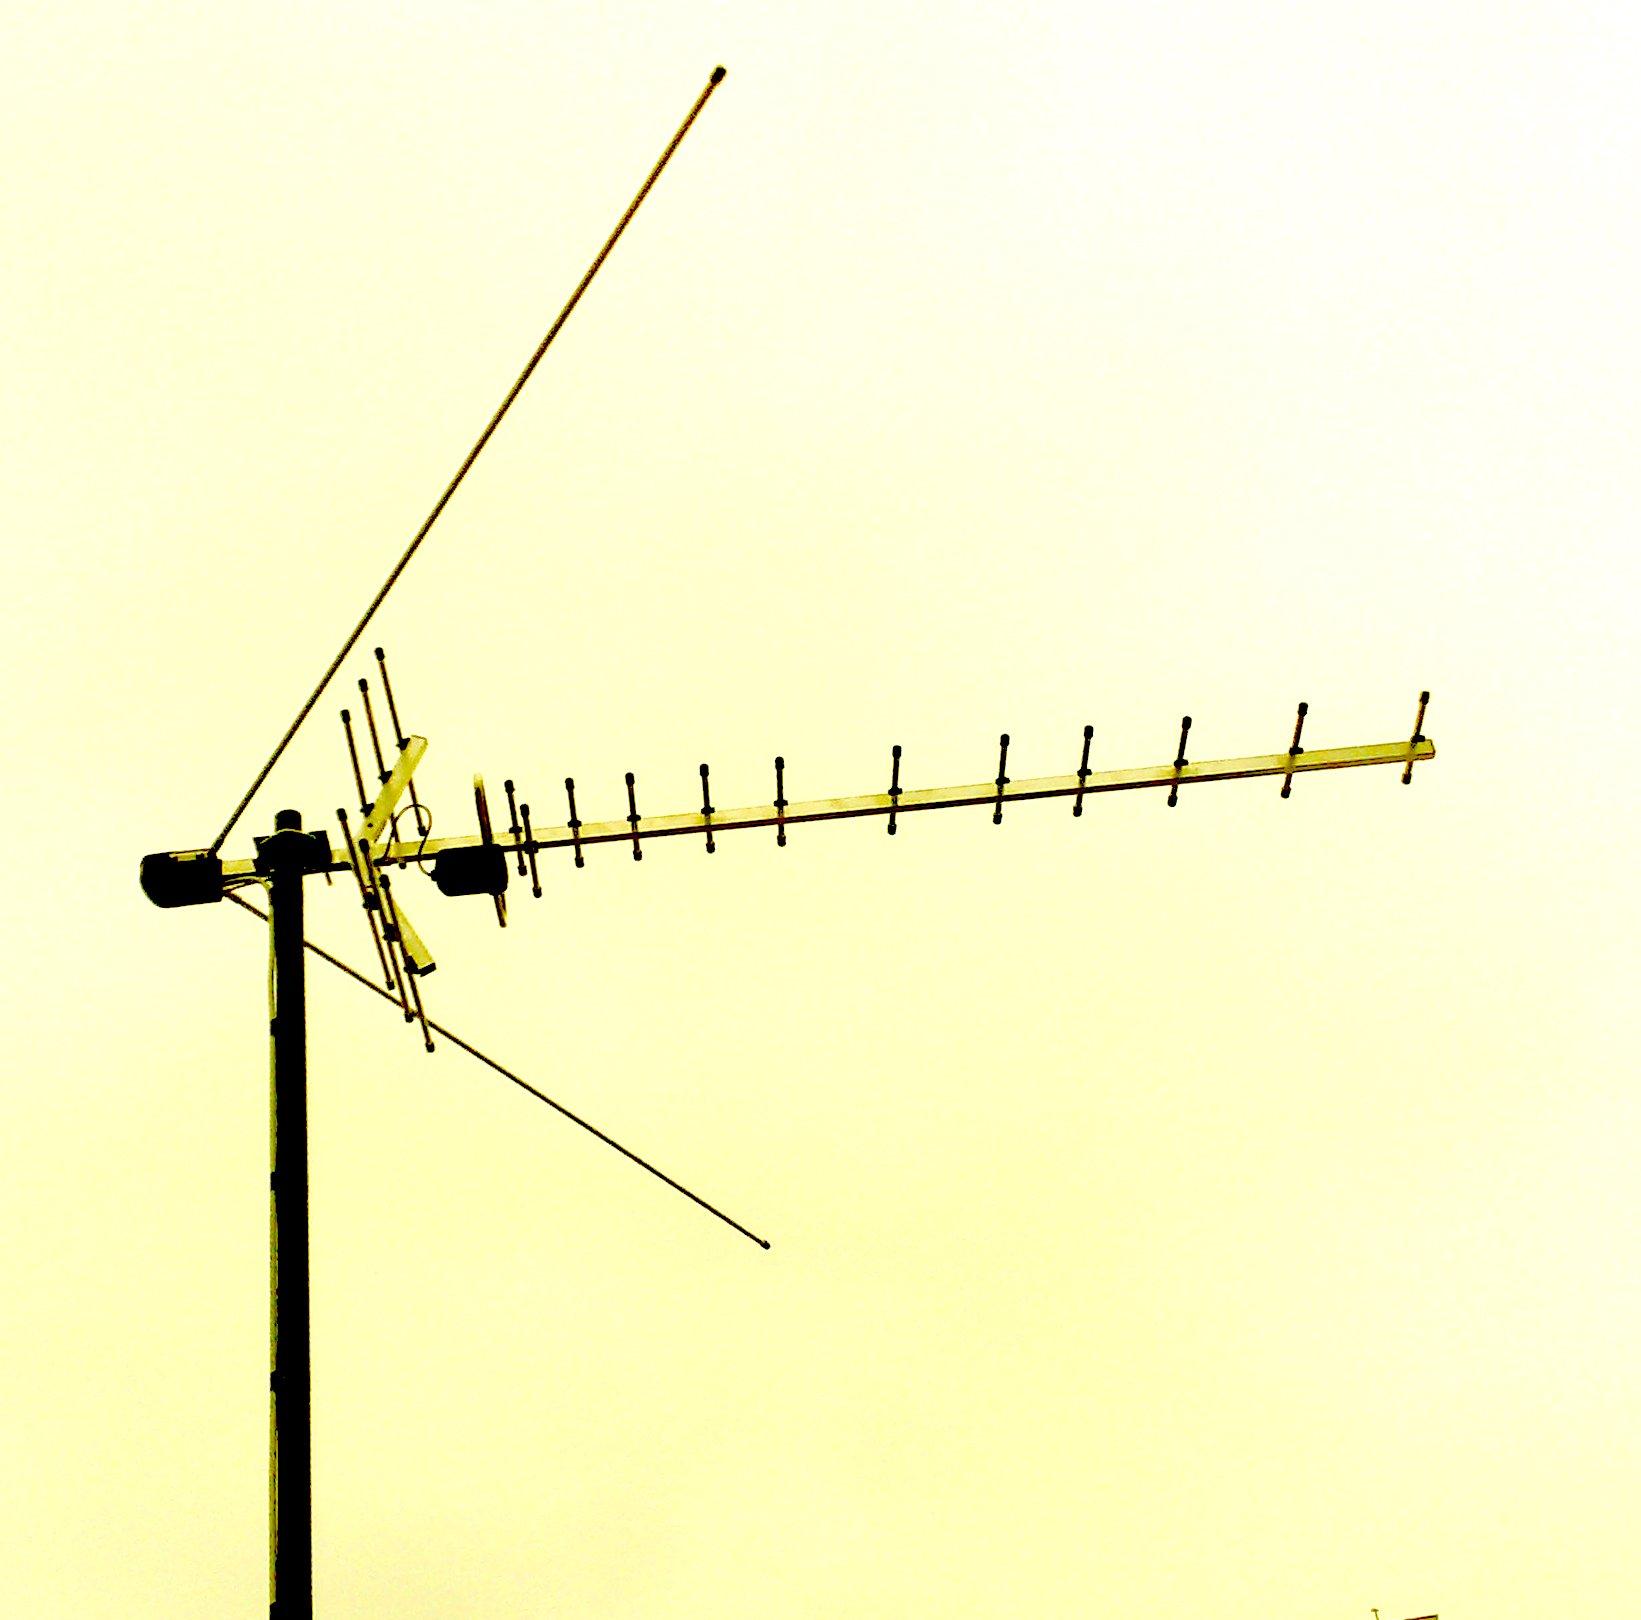 ТВ-антенна своими руками: как улучшить или изготовить ТВ 73